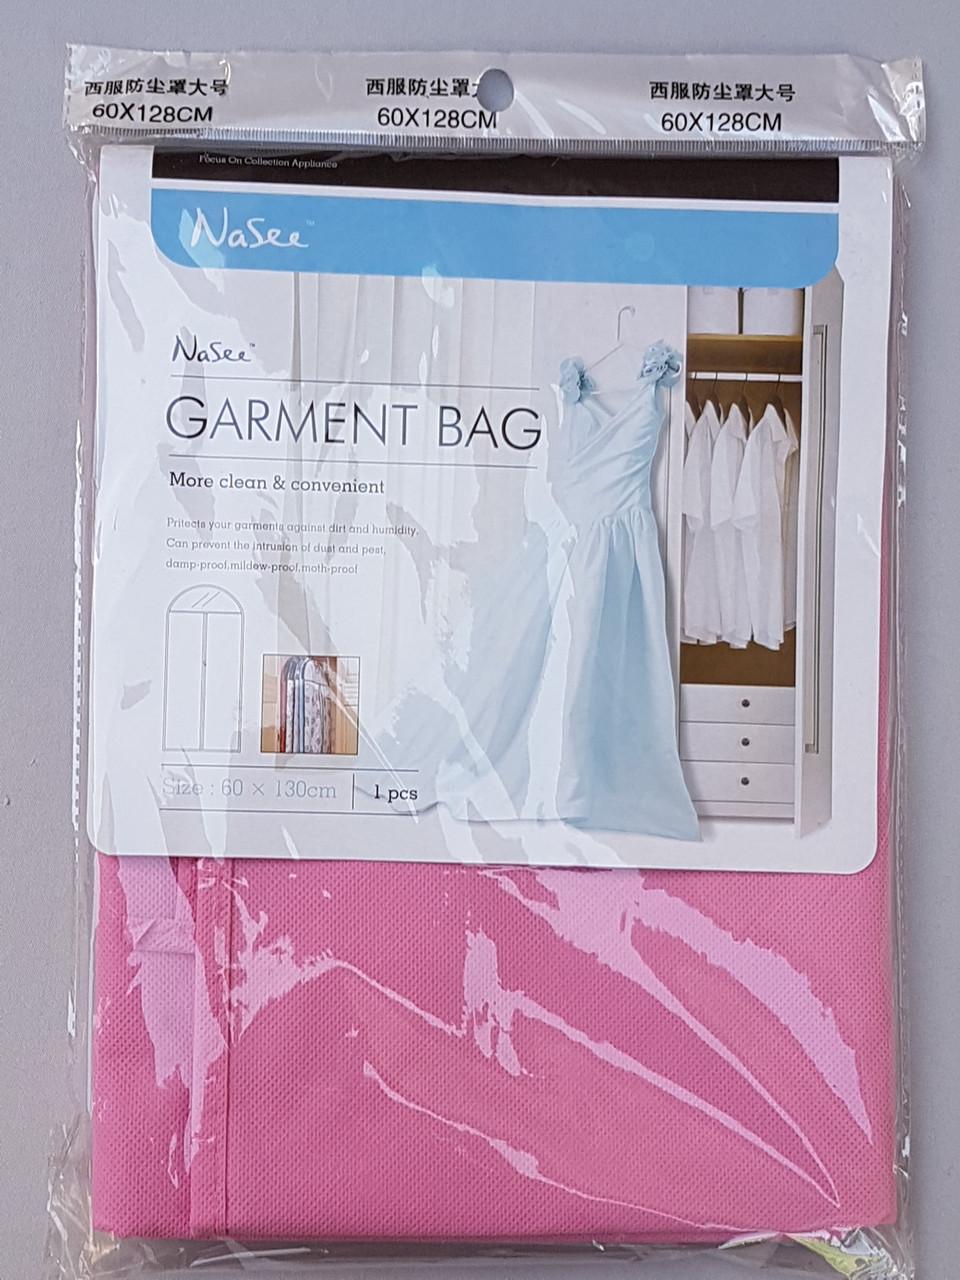 Чехол для хранения одежды флизелиновый на молнии розового цвета, размер 60*130 см